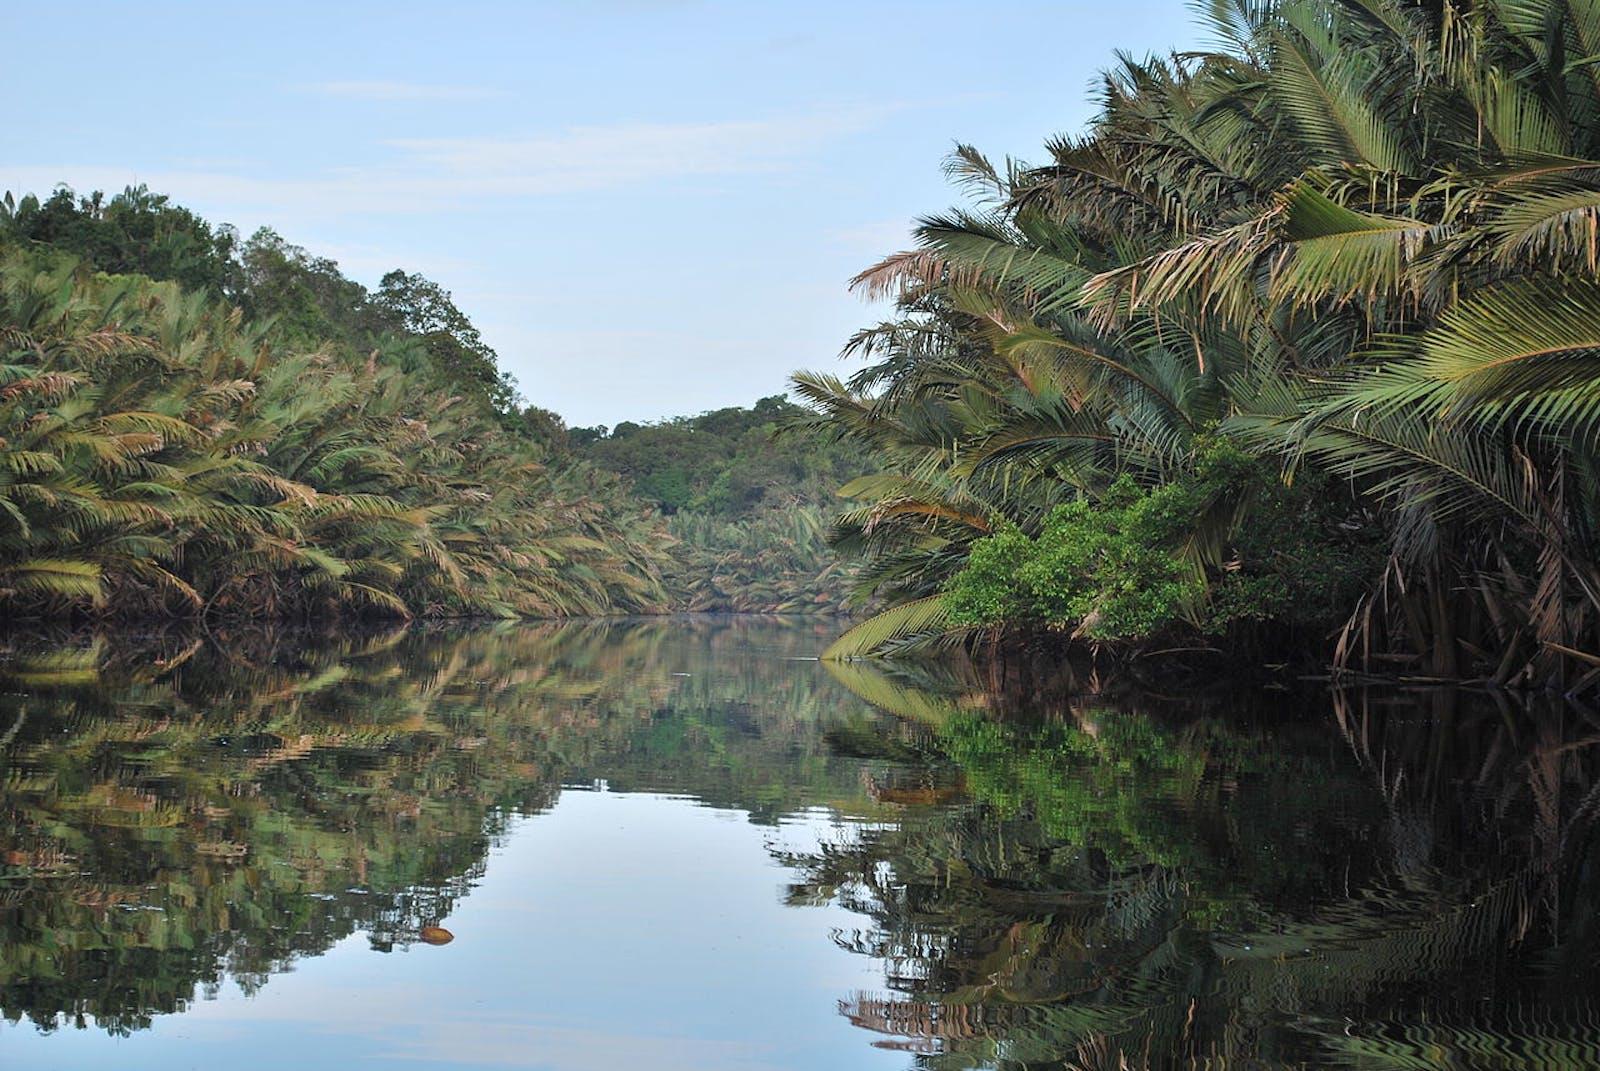 Sumatran Peat Swamp Forests